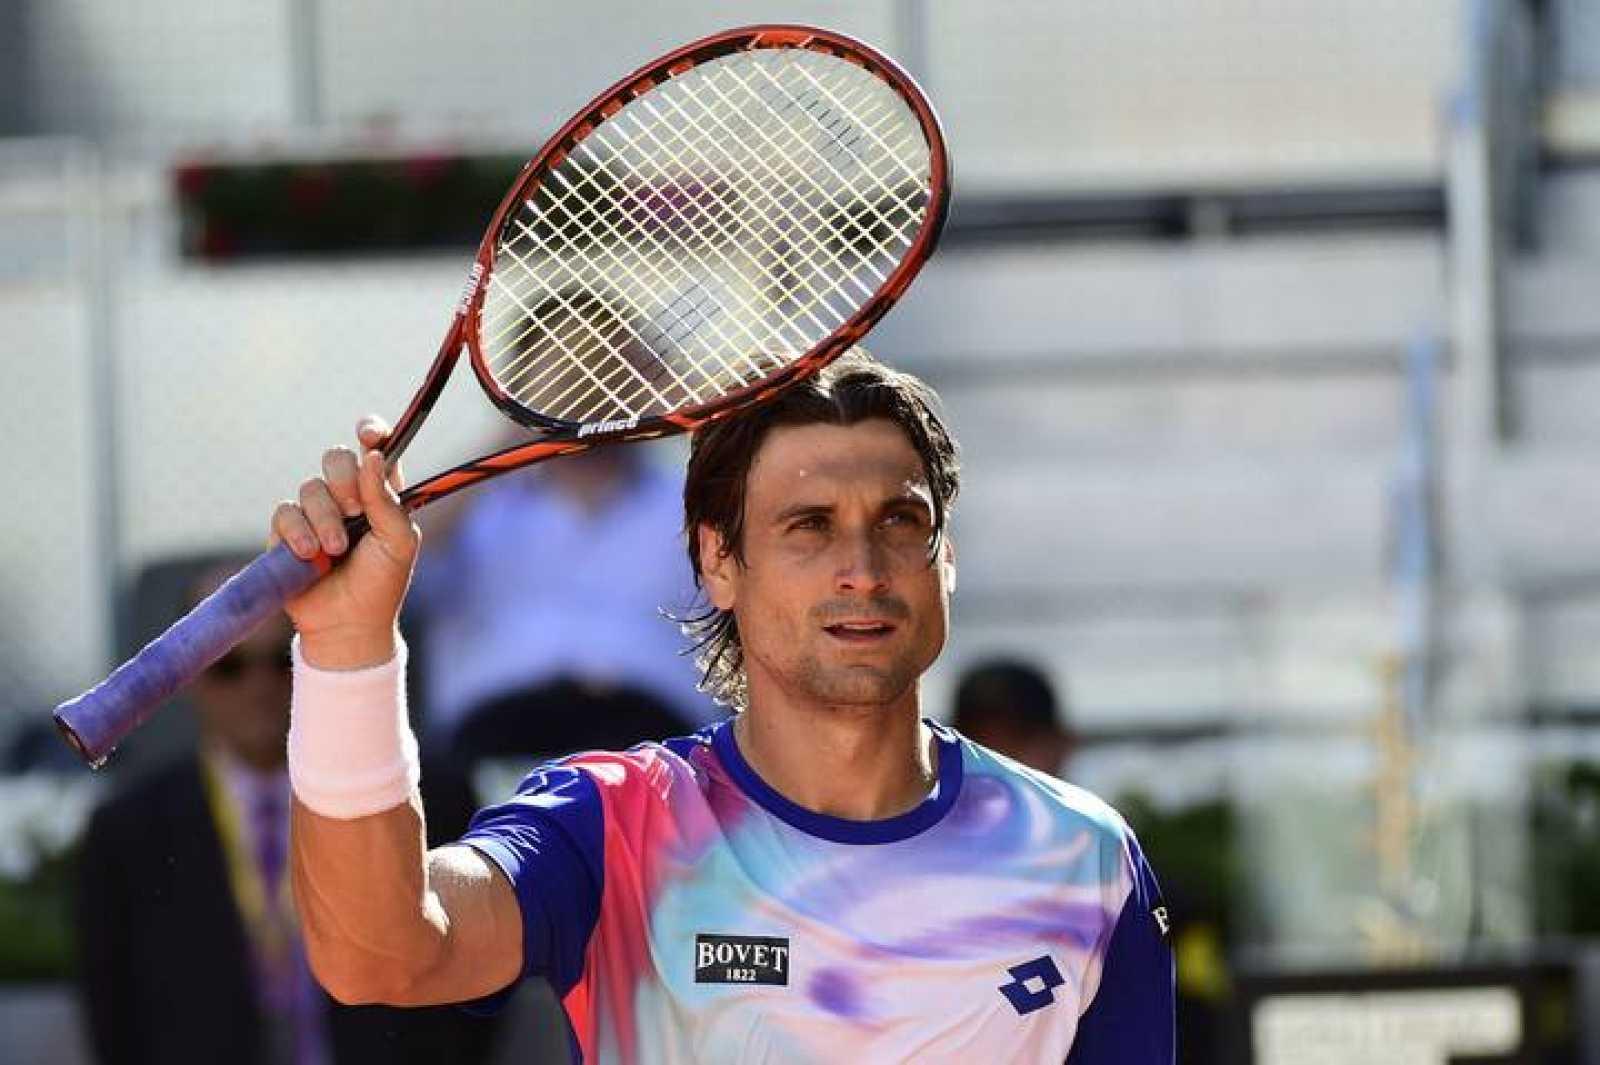 El tenista español David Ferrer saluda tras vencer a Albert Ramos